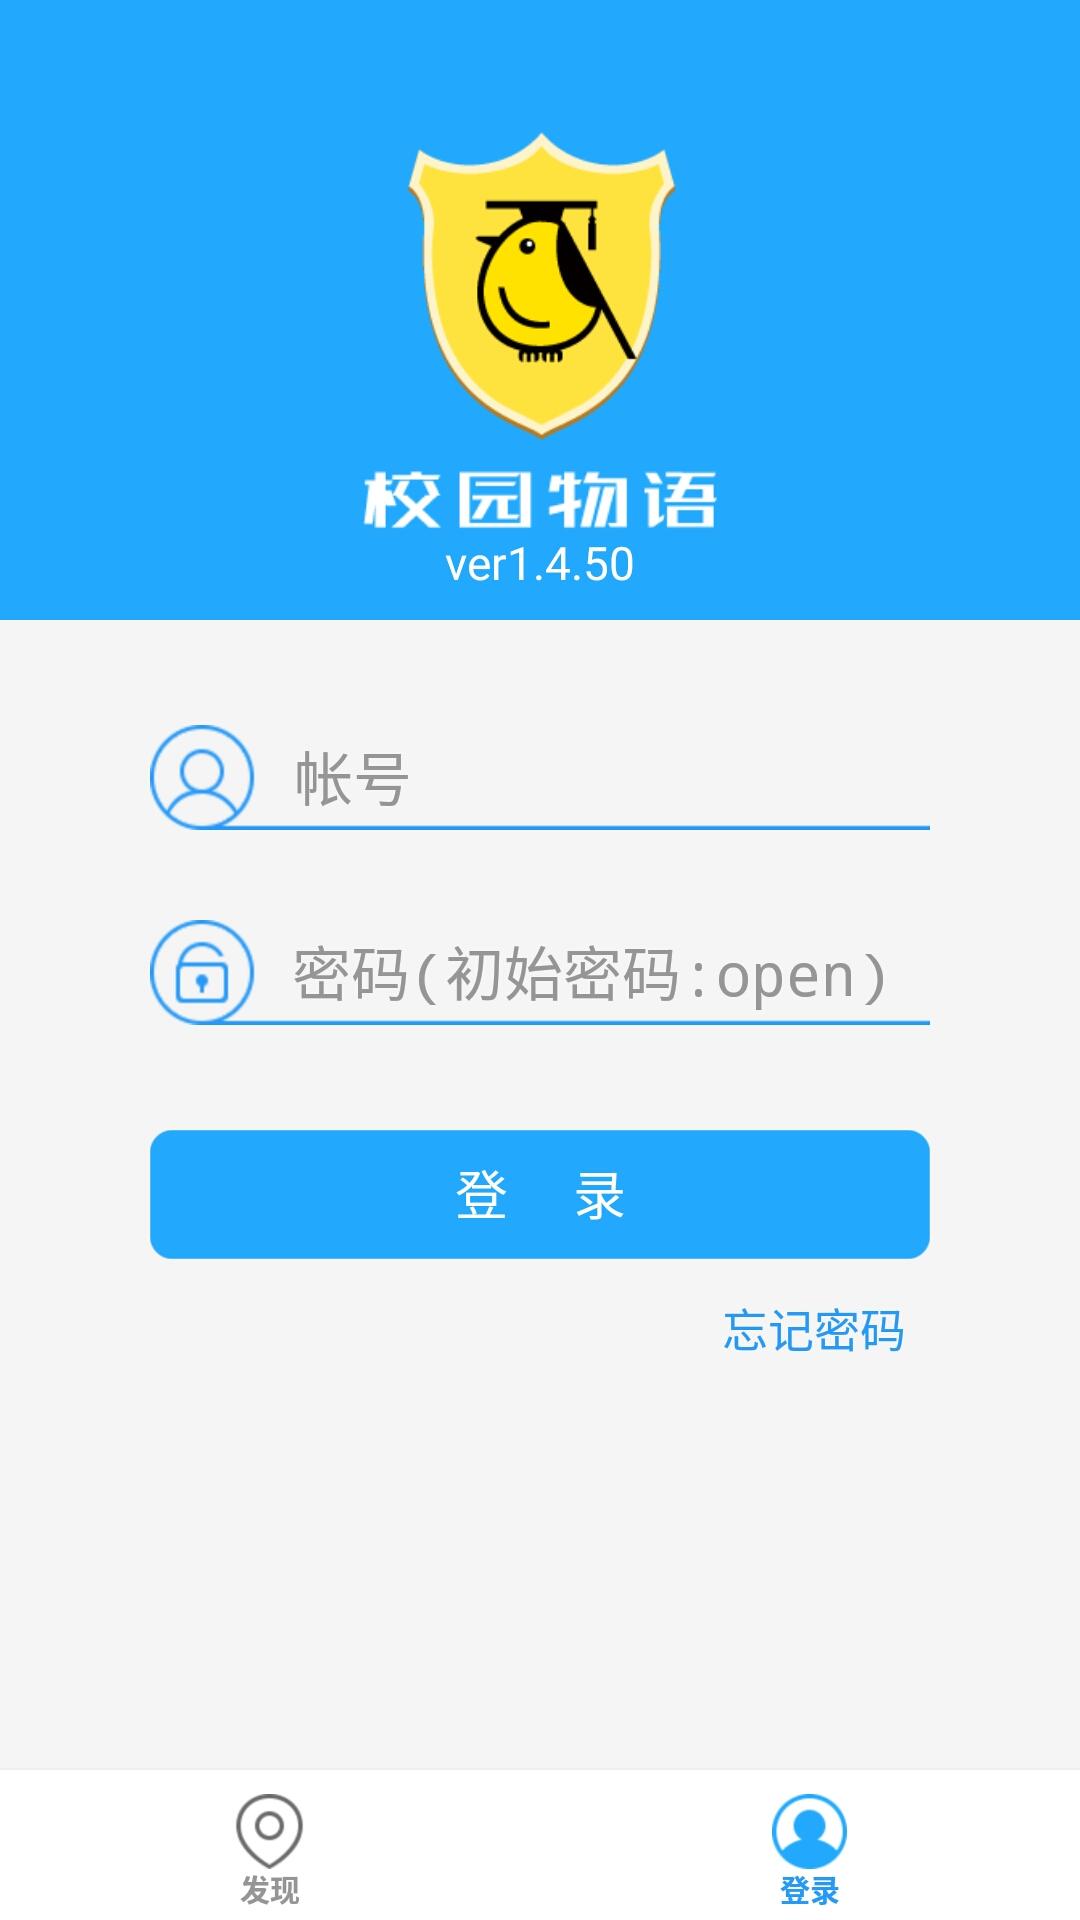 校园物语app图1